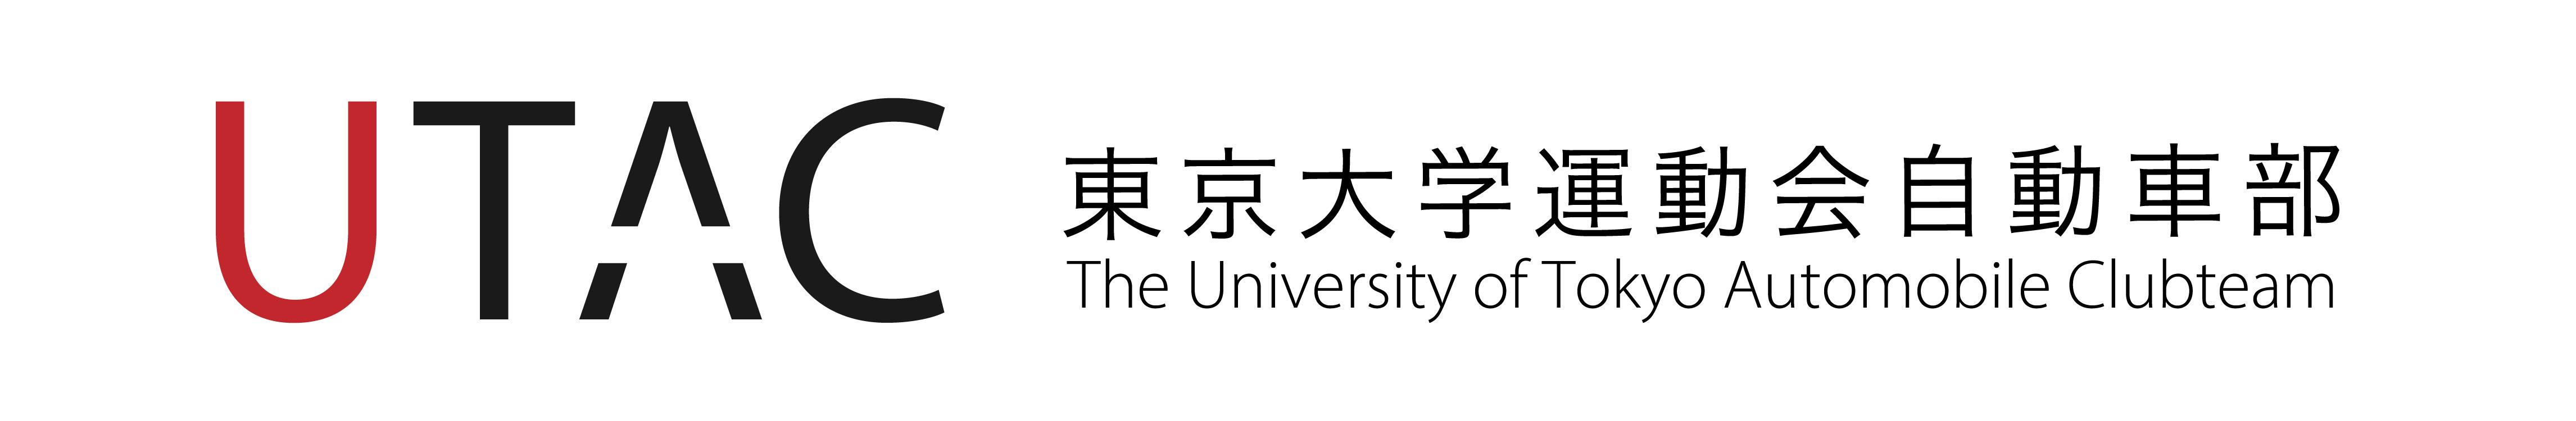 東京大学運動会自動車部 UTAC